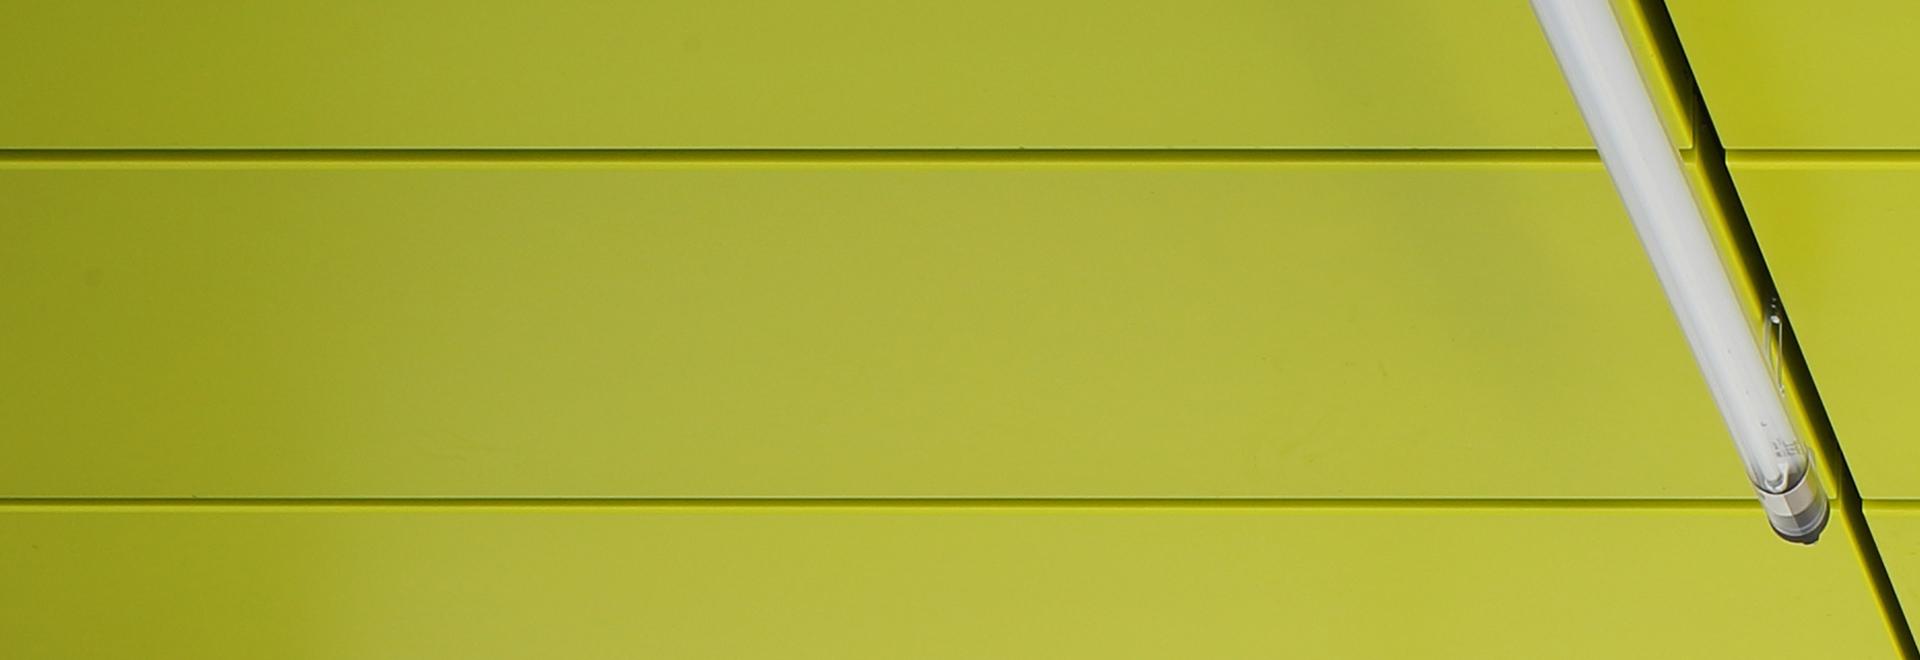 Hellgrüne Duraflon-Beschichtung an der Decke.